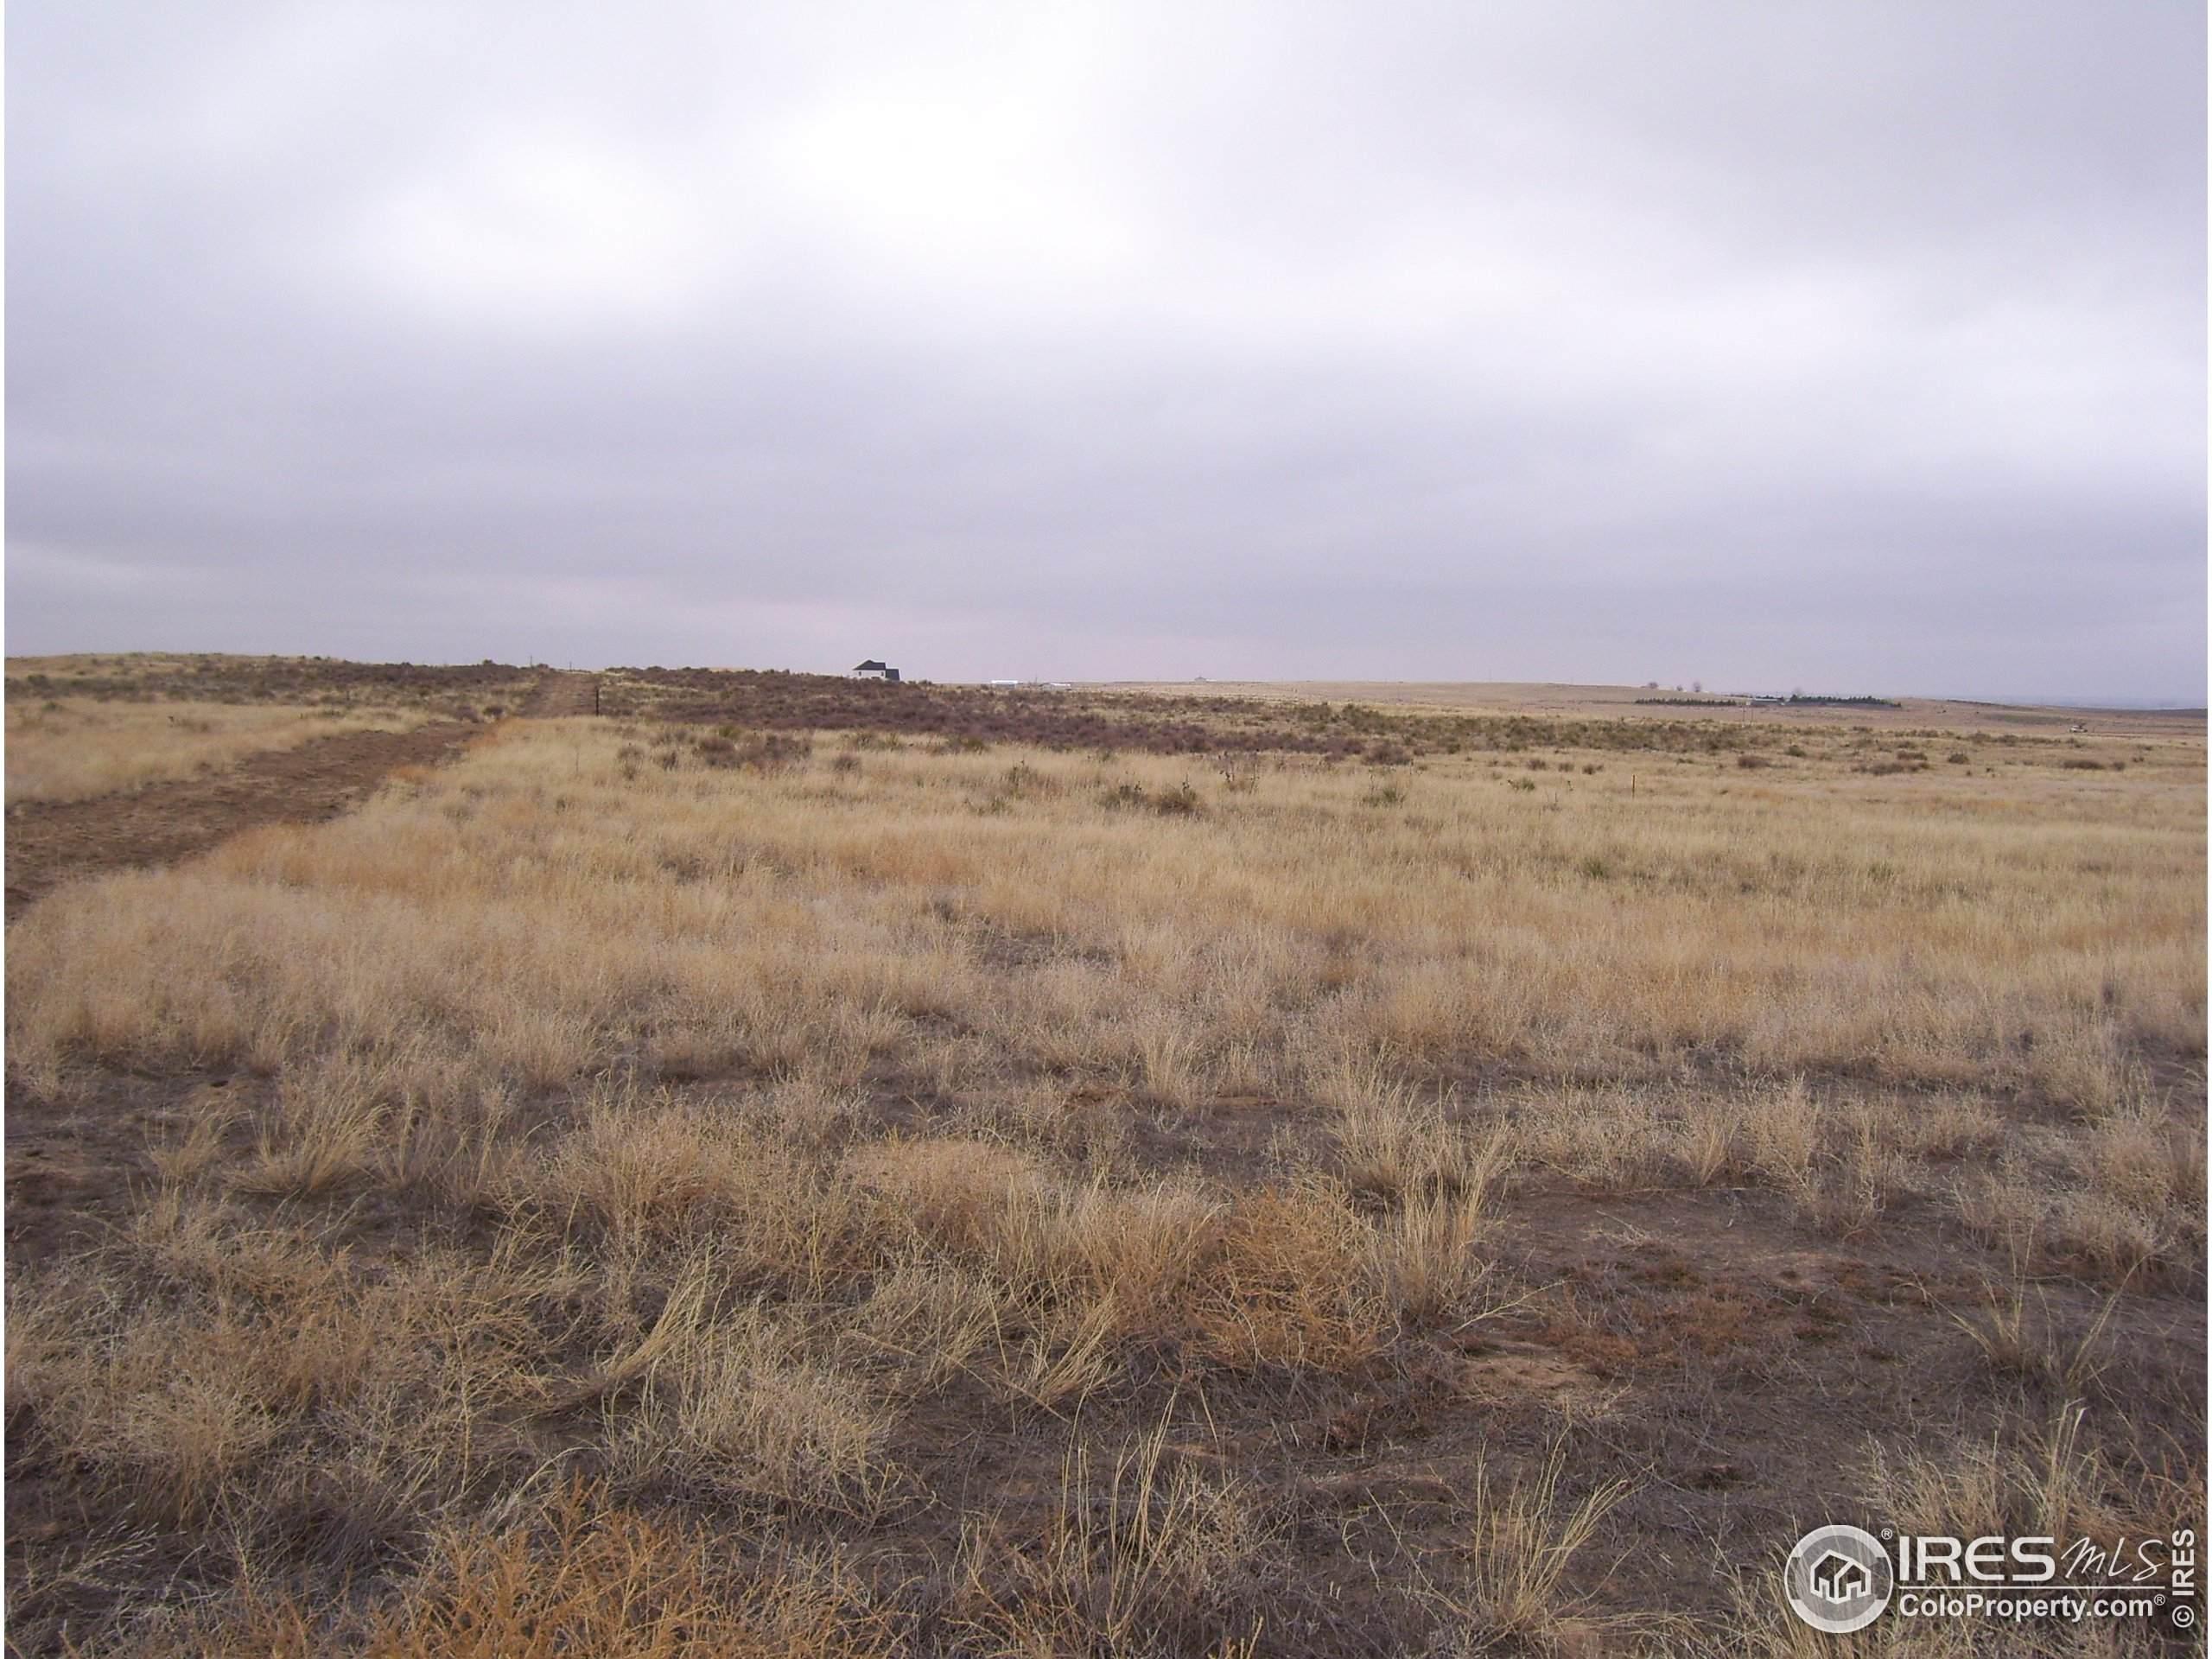 5117 Lake Trail Ct, Firestone, CO 80504 (MLS #913556) :: 8z Real Estate